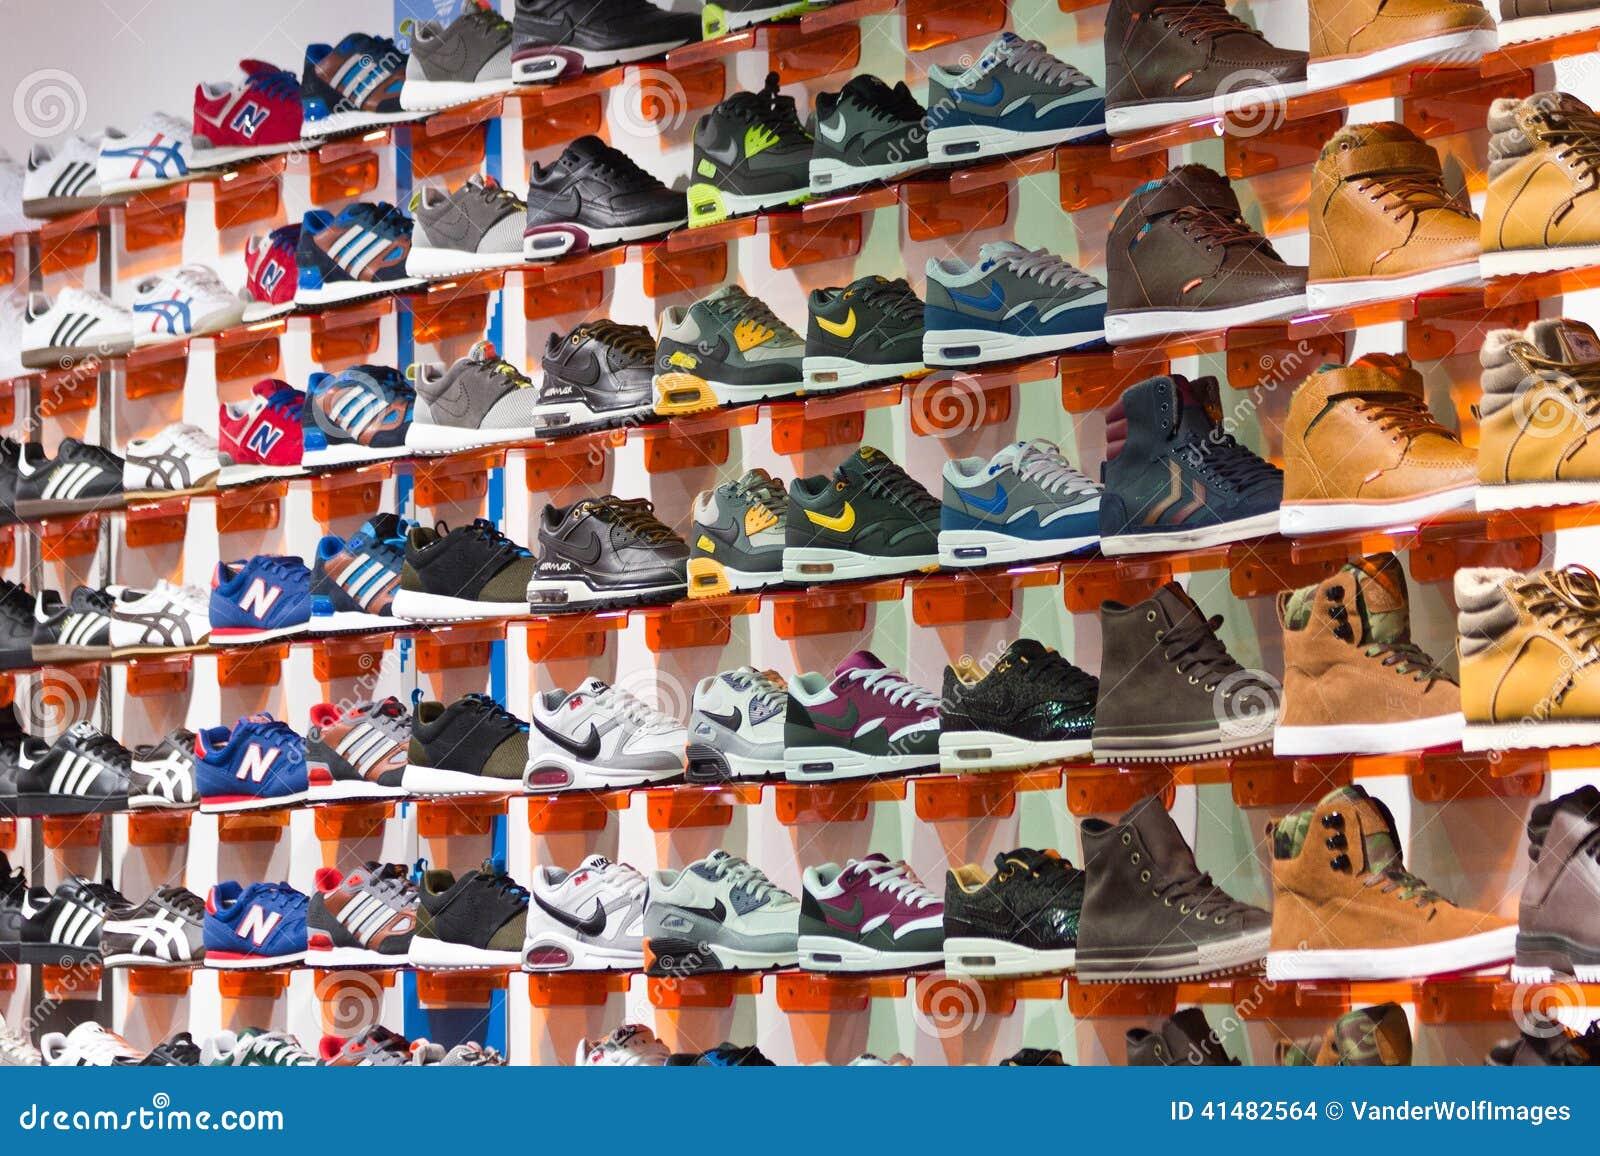 10ce13481c46 COLOGNE, ALLEMAGNE - 21 DÉCEMBRE : Mur avec des chaussures de sport dans un  magasin de chaussures le 21 décembre 2014 dedans à Cologne, Allemagne